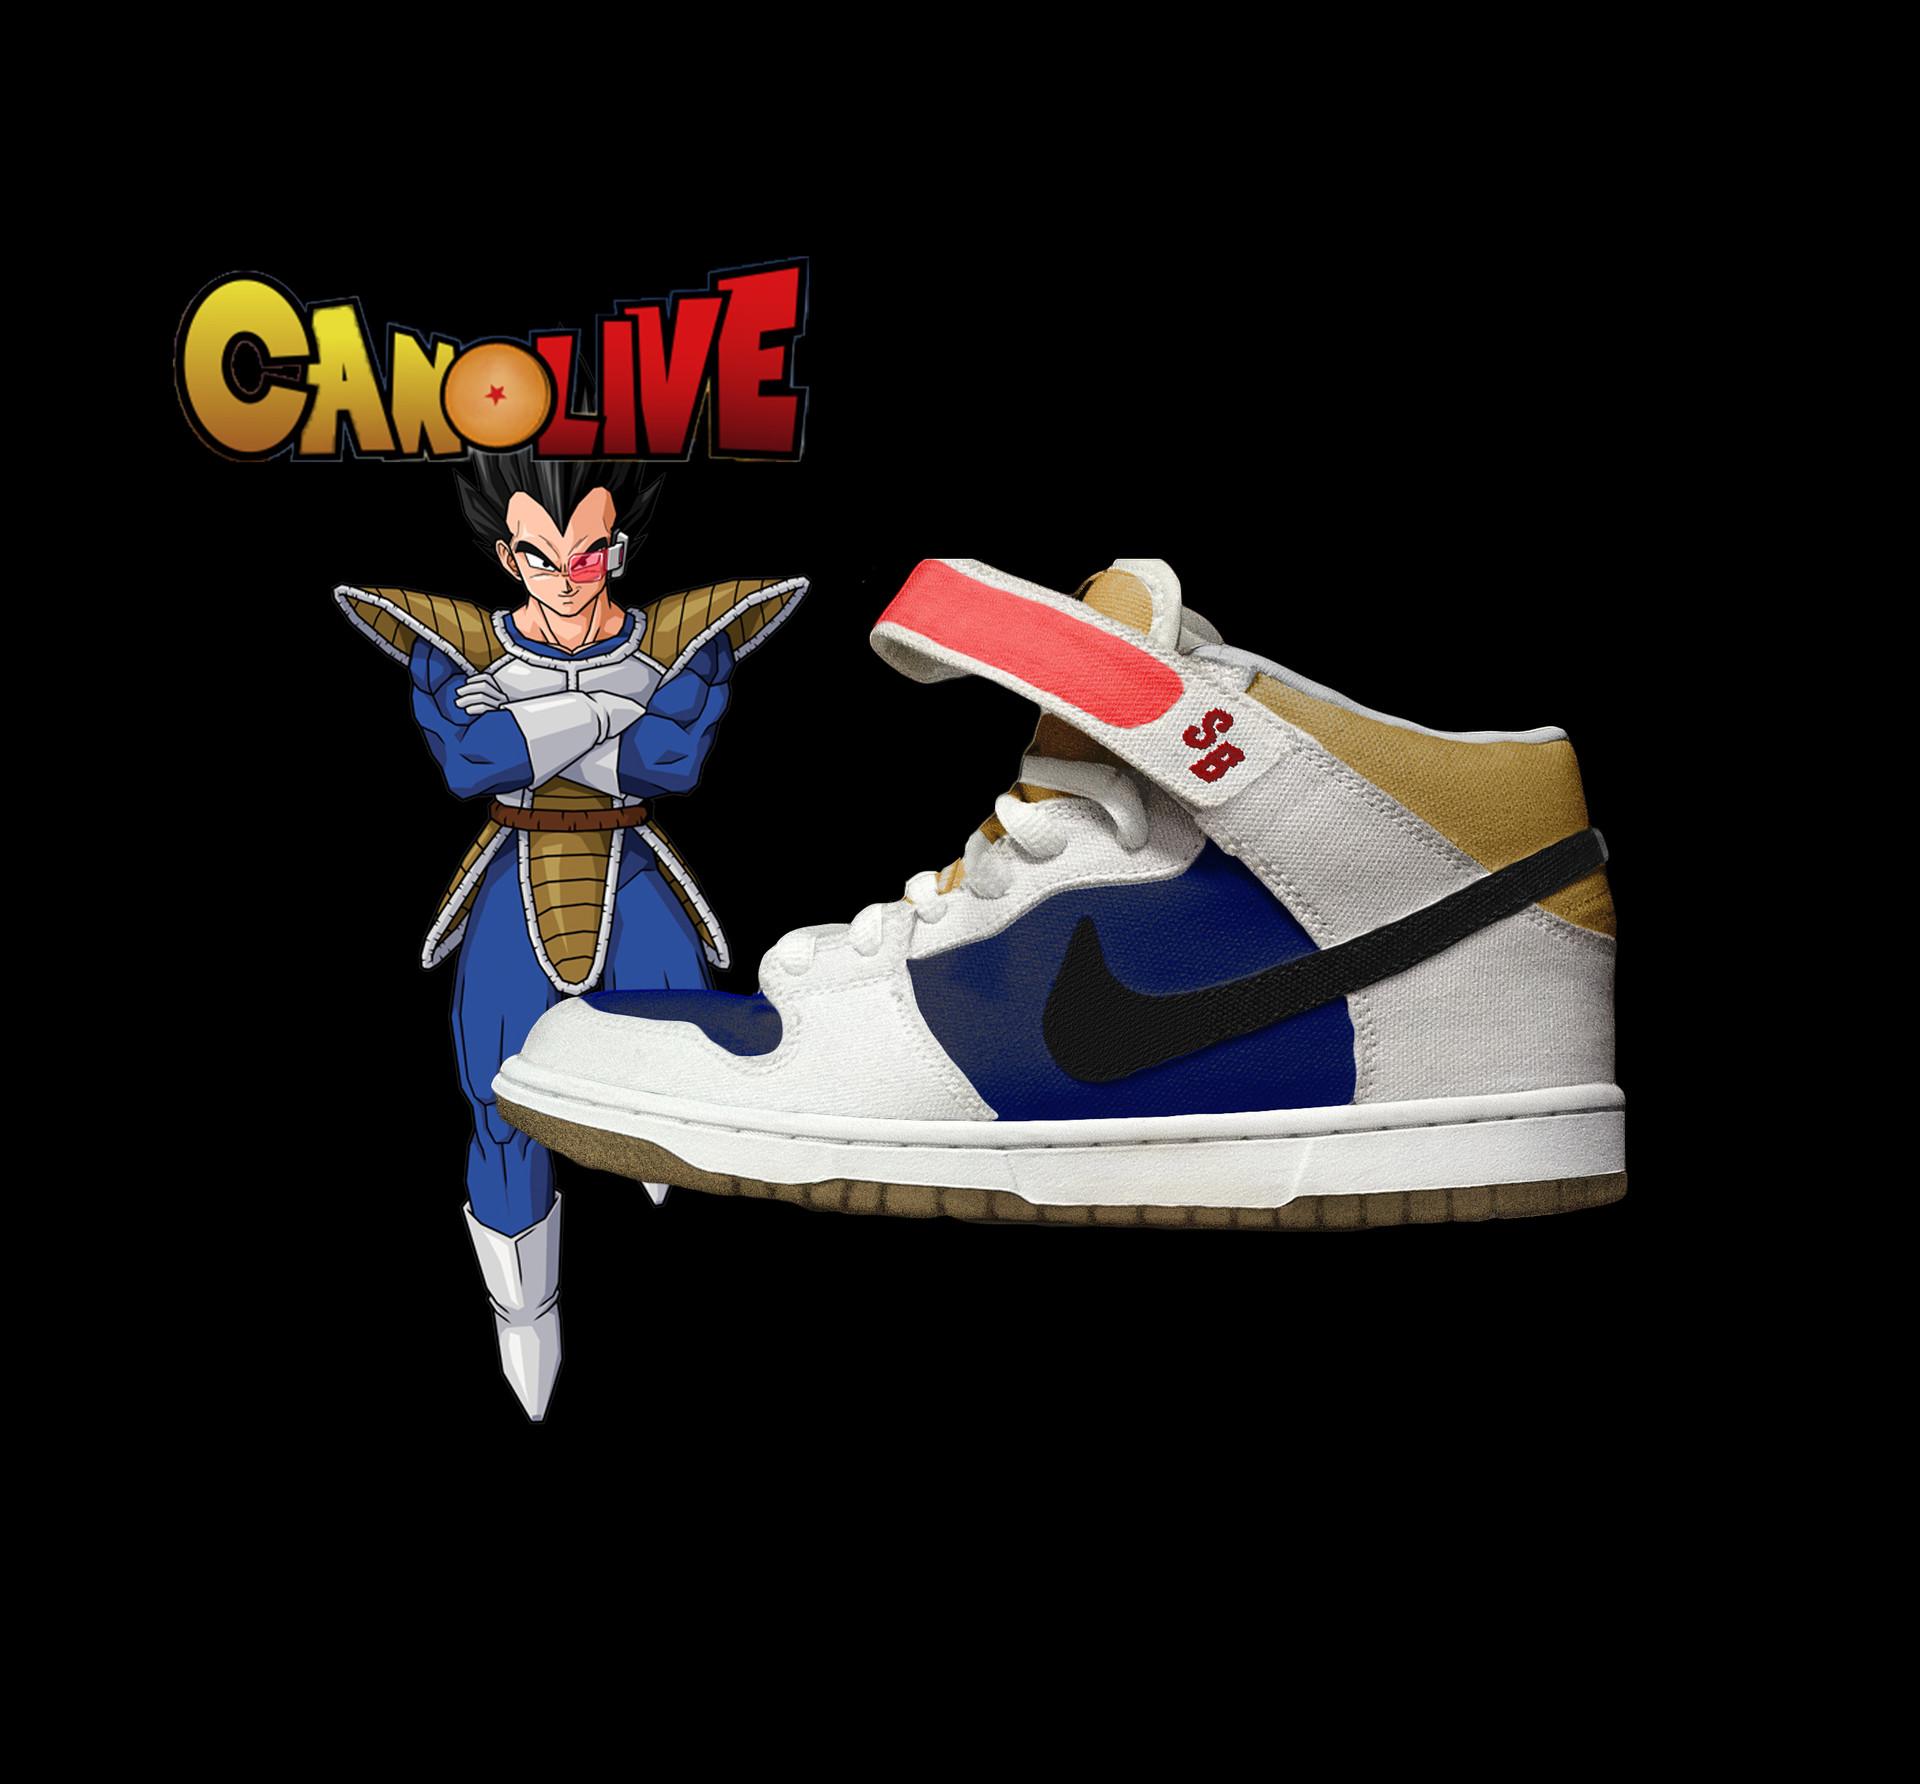 Custom True Blue Air Jordan III Nike Air Force 1 by Mizzee